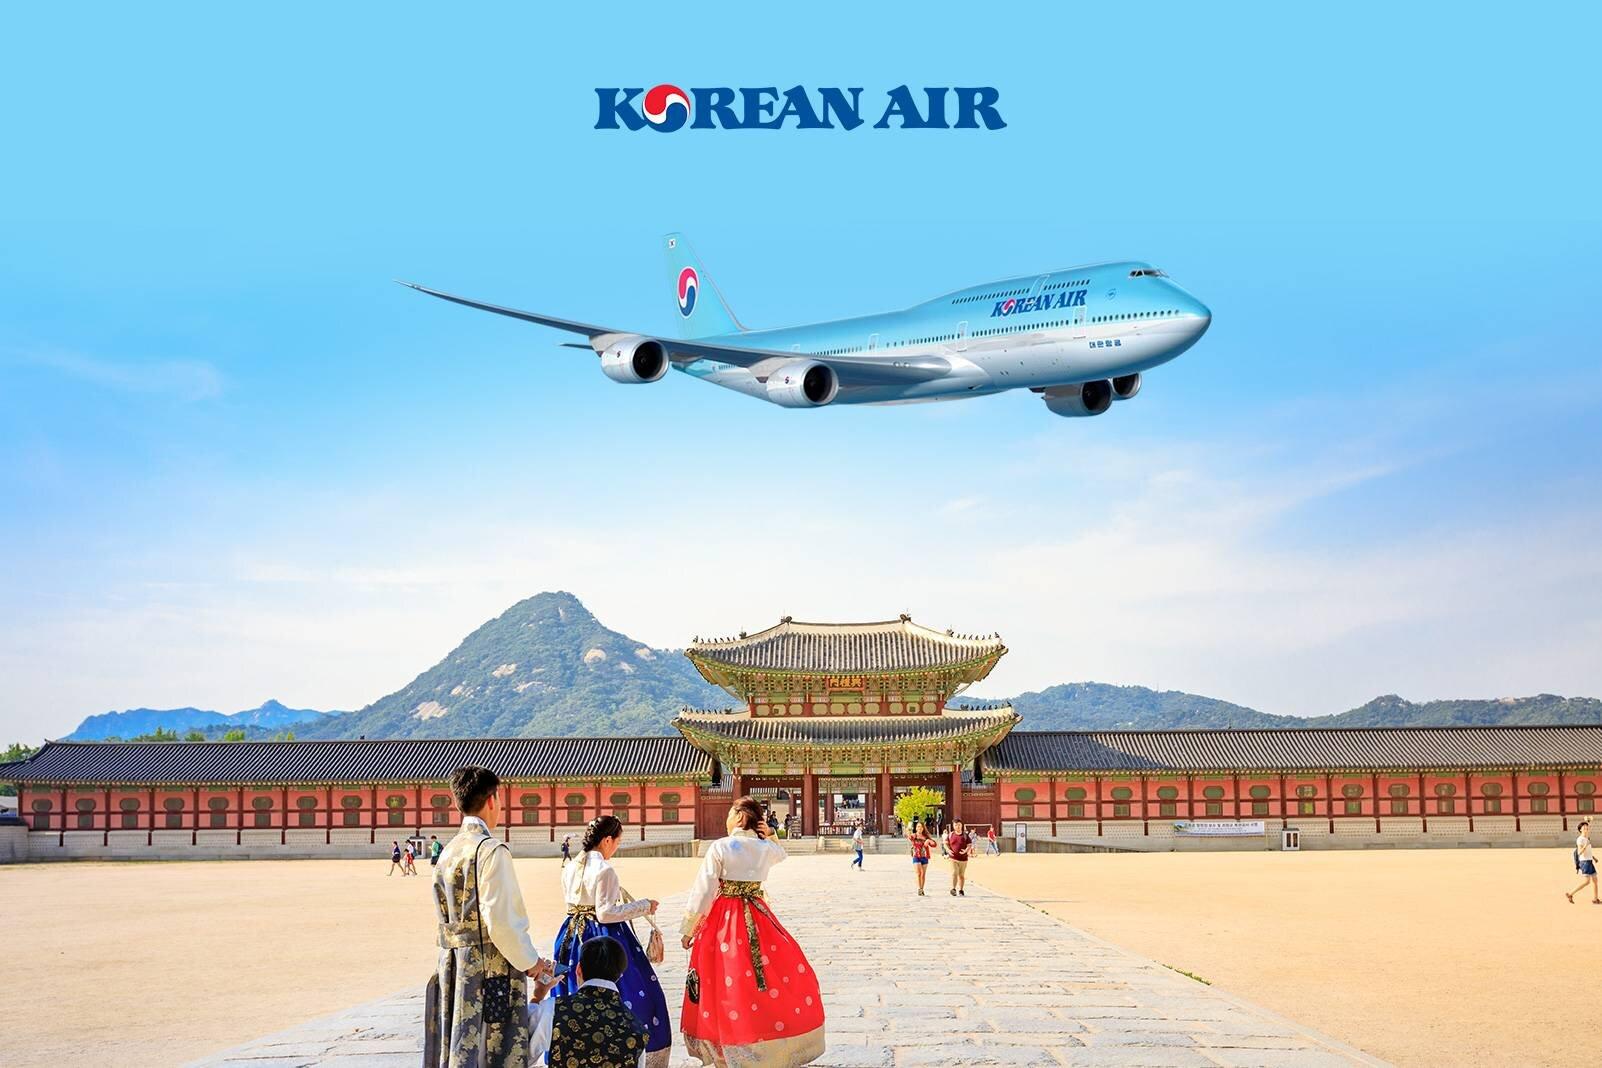 Korean Air ile Seul Uçuşlarında İndirim Fırsatı